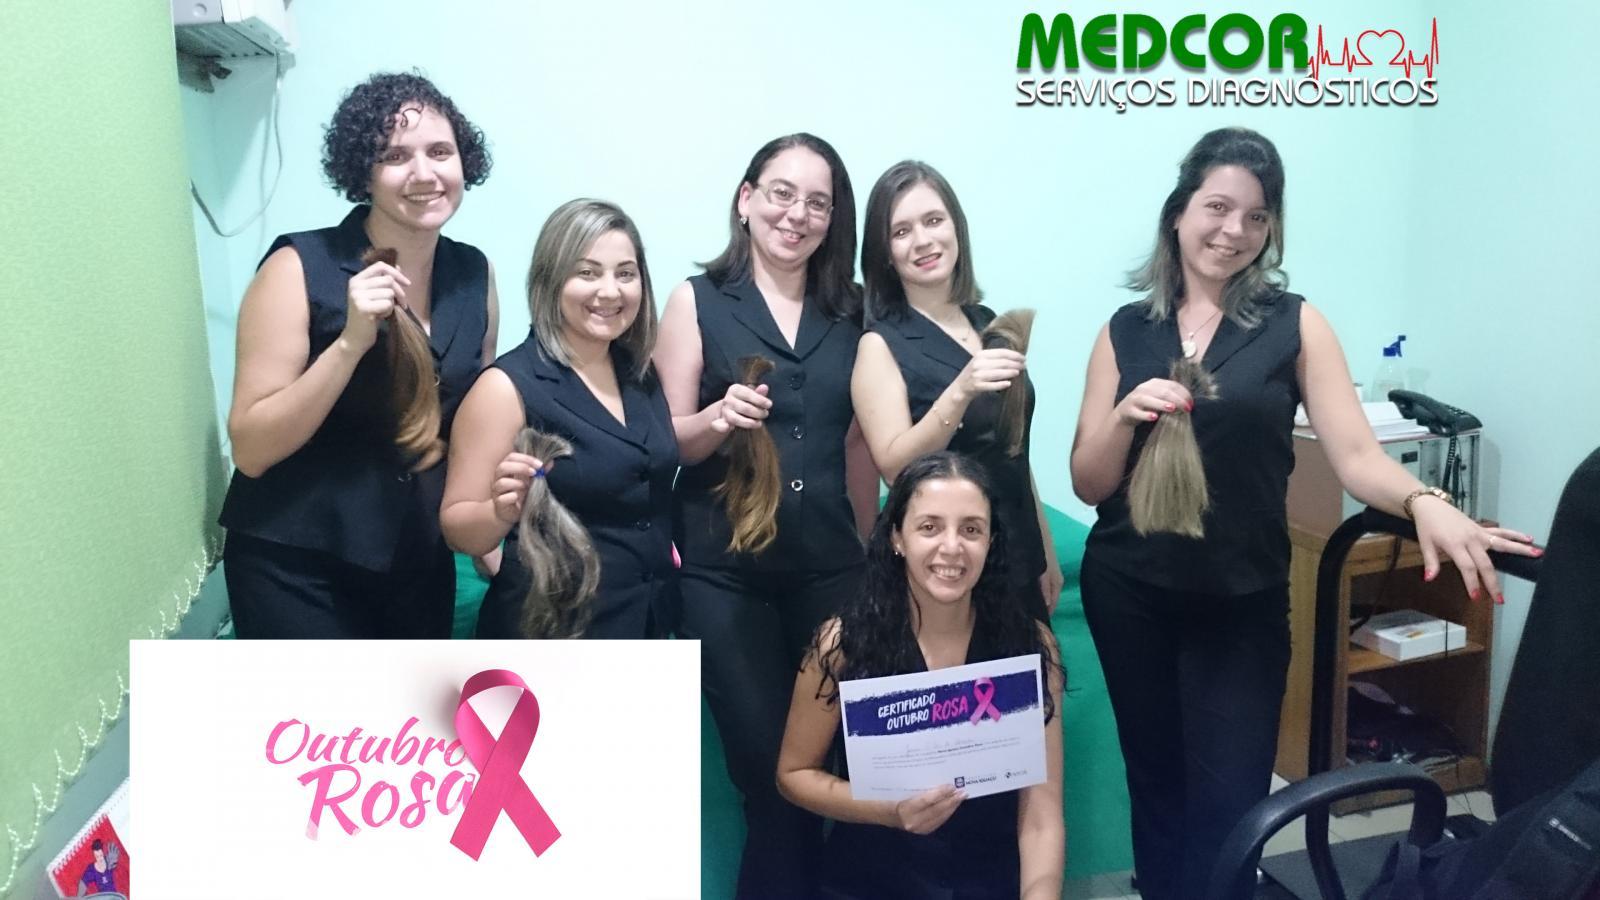 Dia 19 de Outubro foi comemorado dia Mundial de Combate ao câncer de mama